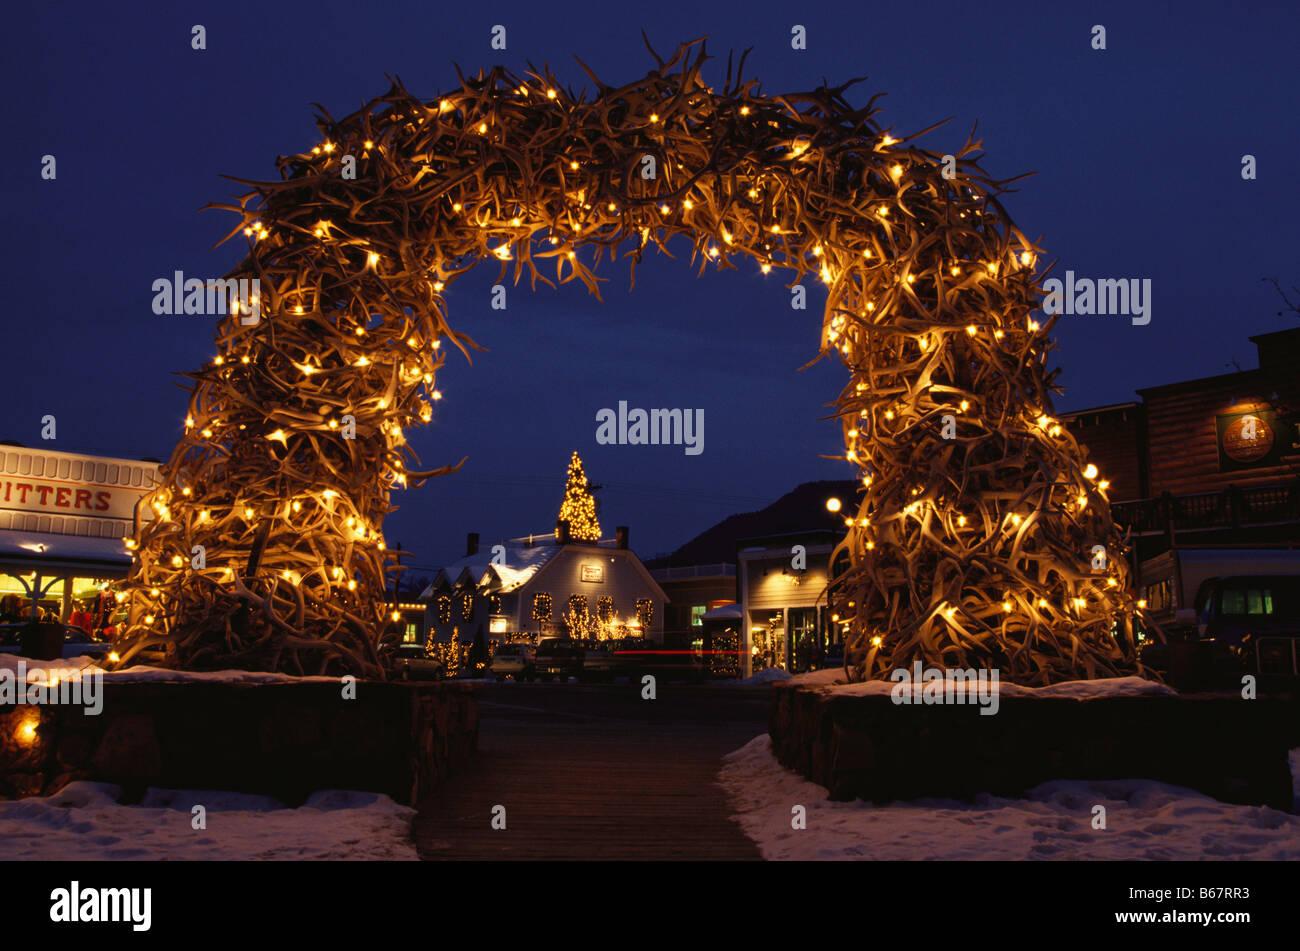 Weihnachtsschmuck an Elch Geweih Bogen, Stadtplatz, Jackson Hole ...